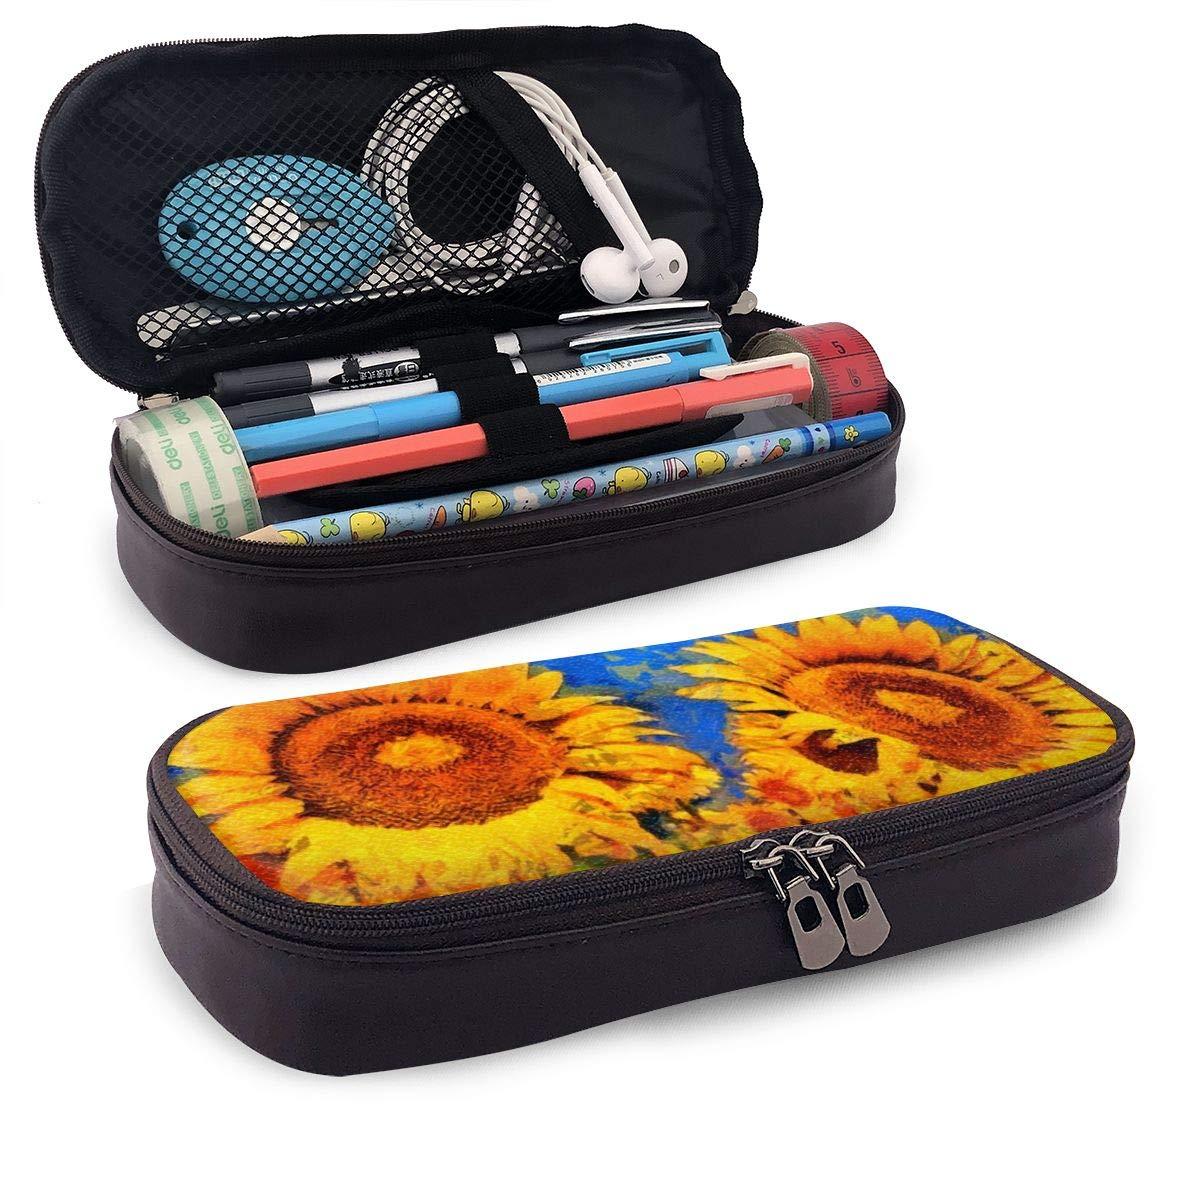 Sunflowers - Estuche para lápices y pinceles de pintura al óleo, multifuncional, con cremallera, bolsa de almacenamiento para brochas de maquillaje, color negro talla única: Amazon.es: Oficina y papelería